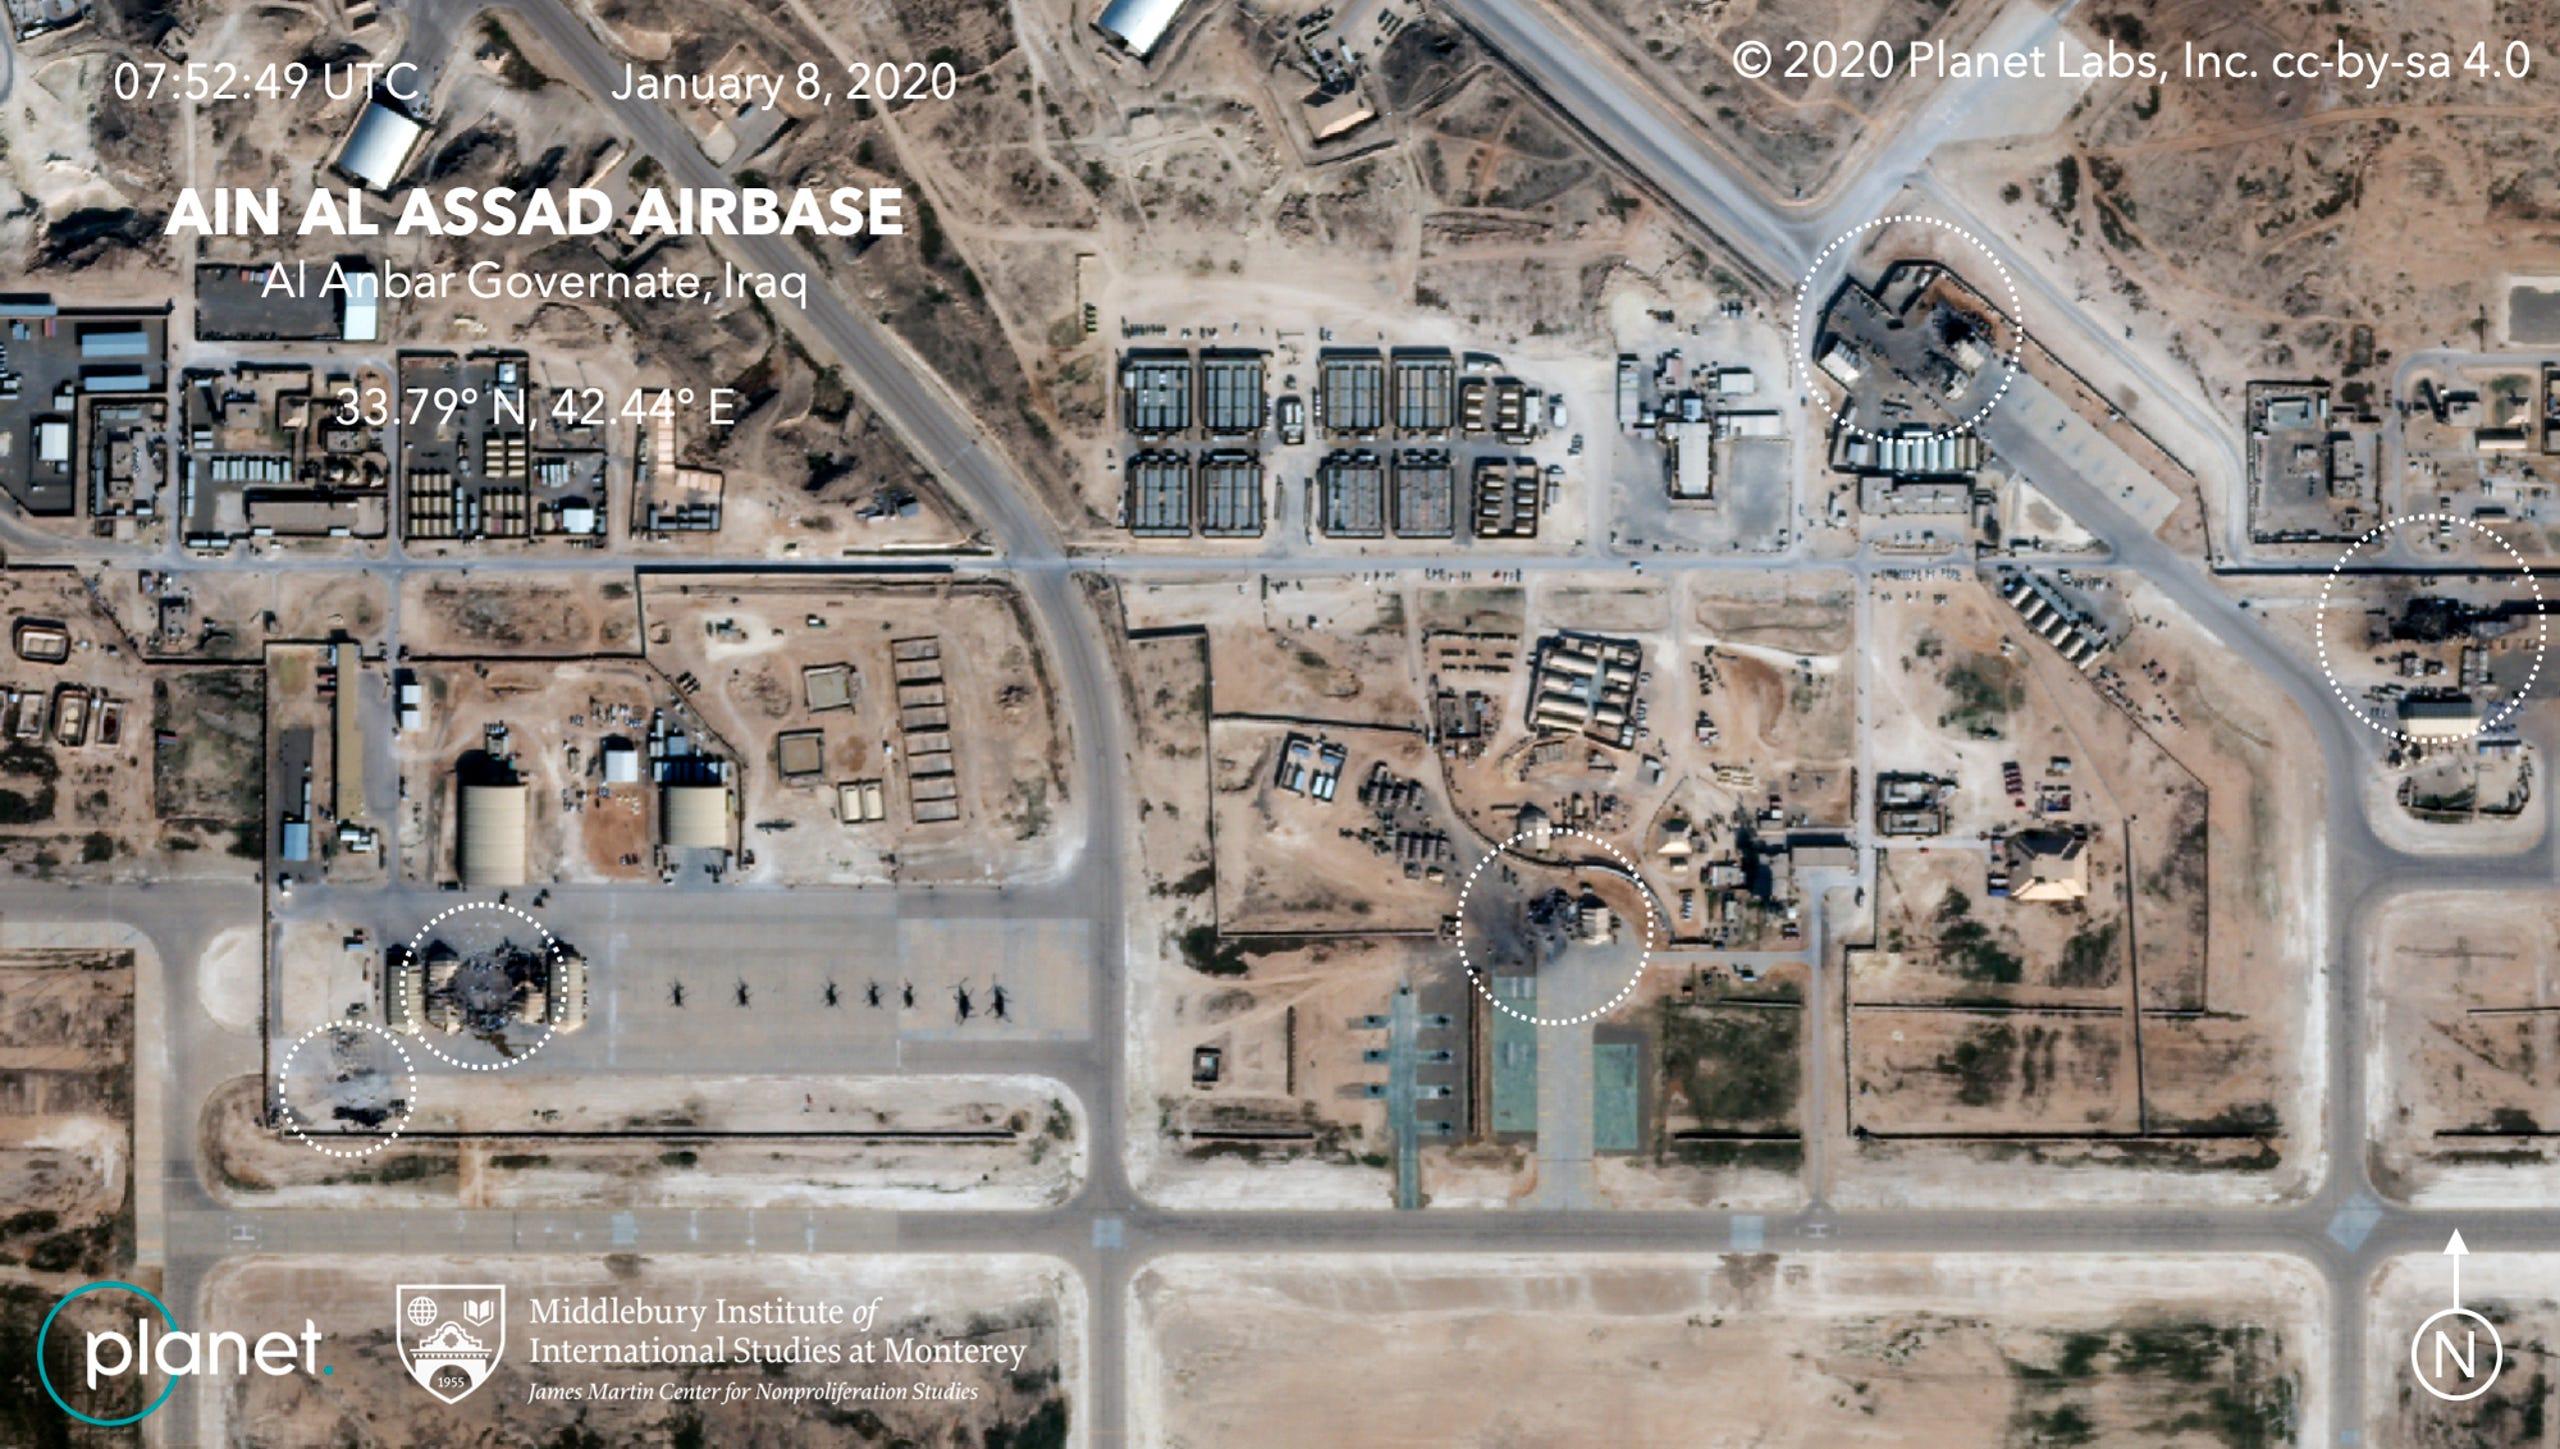 תמונות של פגיעת הטילים בסיס עין אל אסד בעיראק